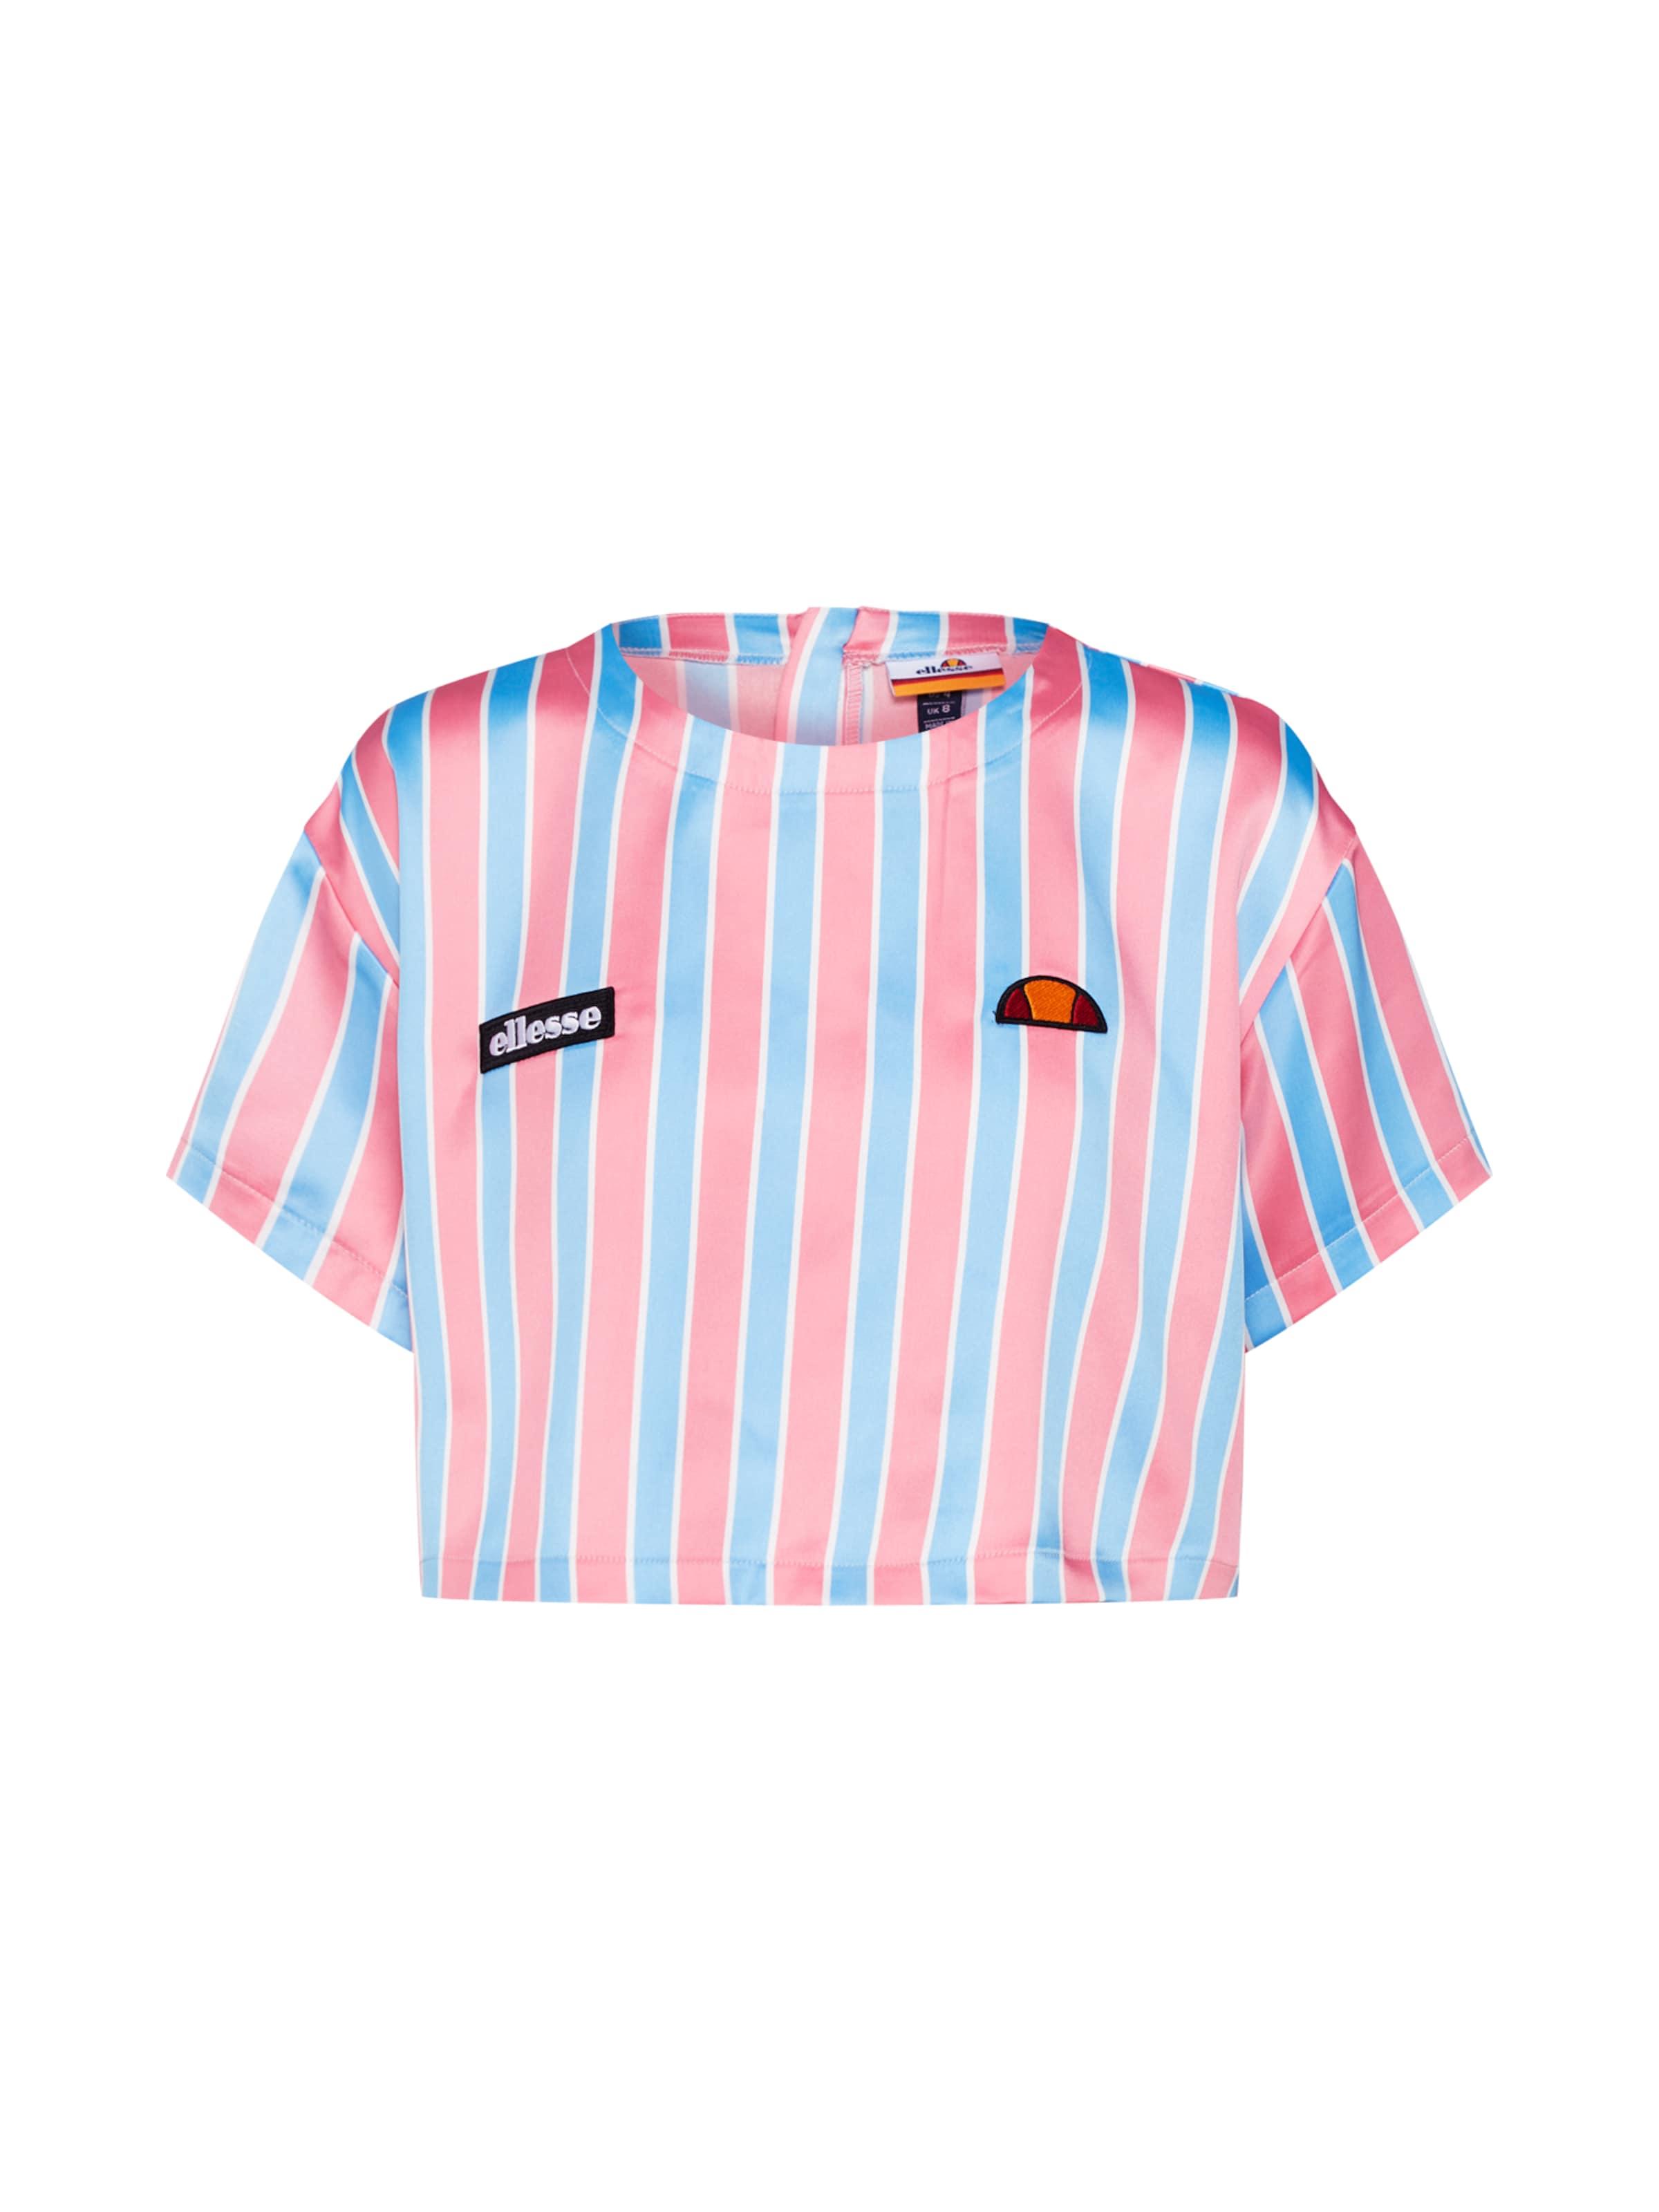 'naga' In Pink Ellesse T HellblauMischfarben shirt 6vmY7Ifgby